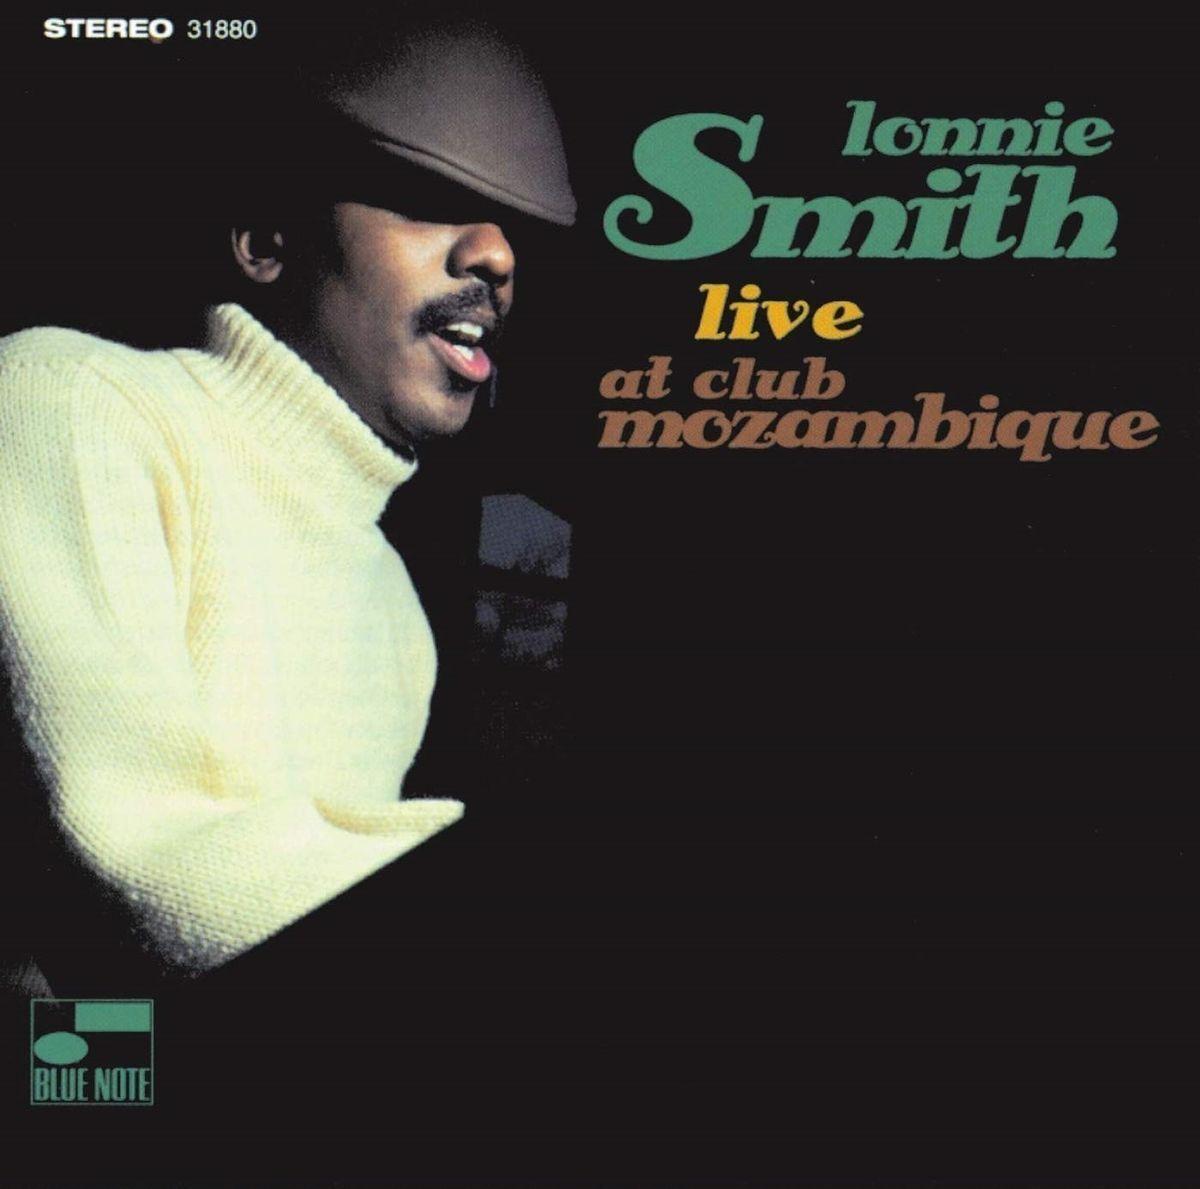 Blue Note Disques vinyle Pop Rock Blue Note Lonnie Smith - Live At Club Mozambique (2 LP)